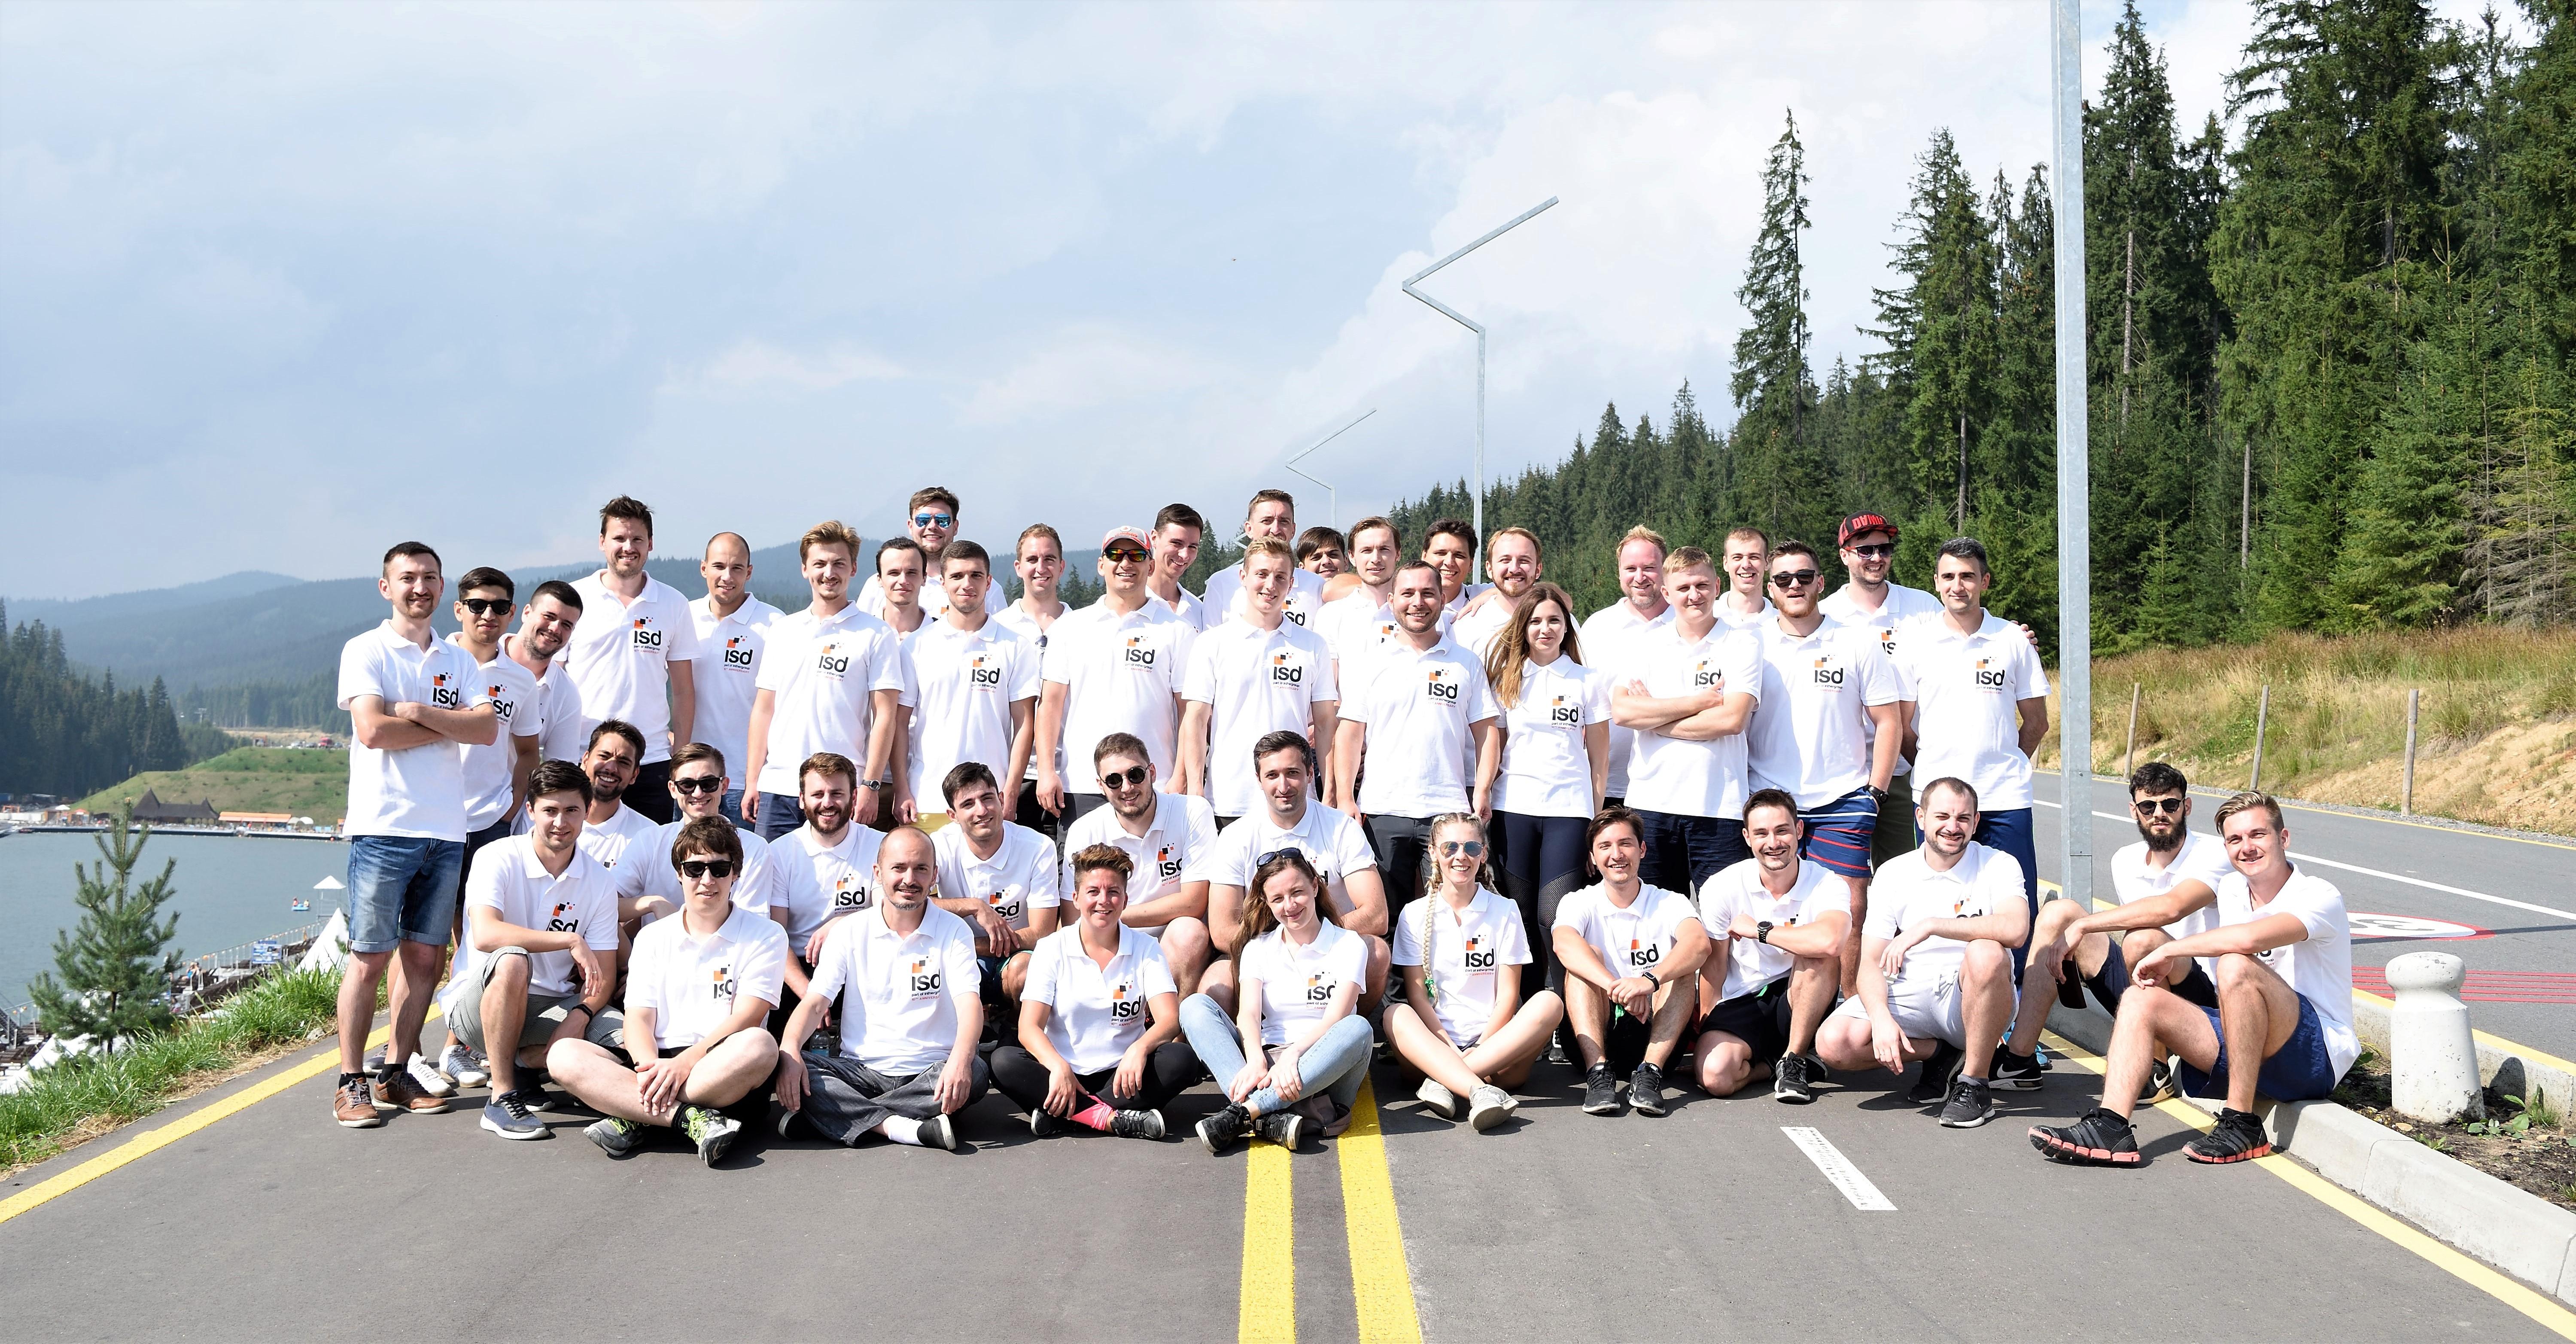 ISD Team Bukovel